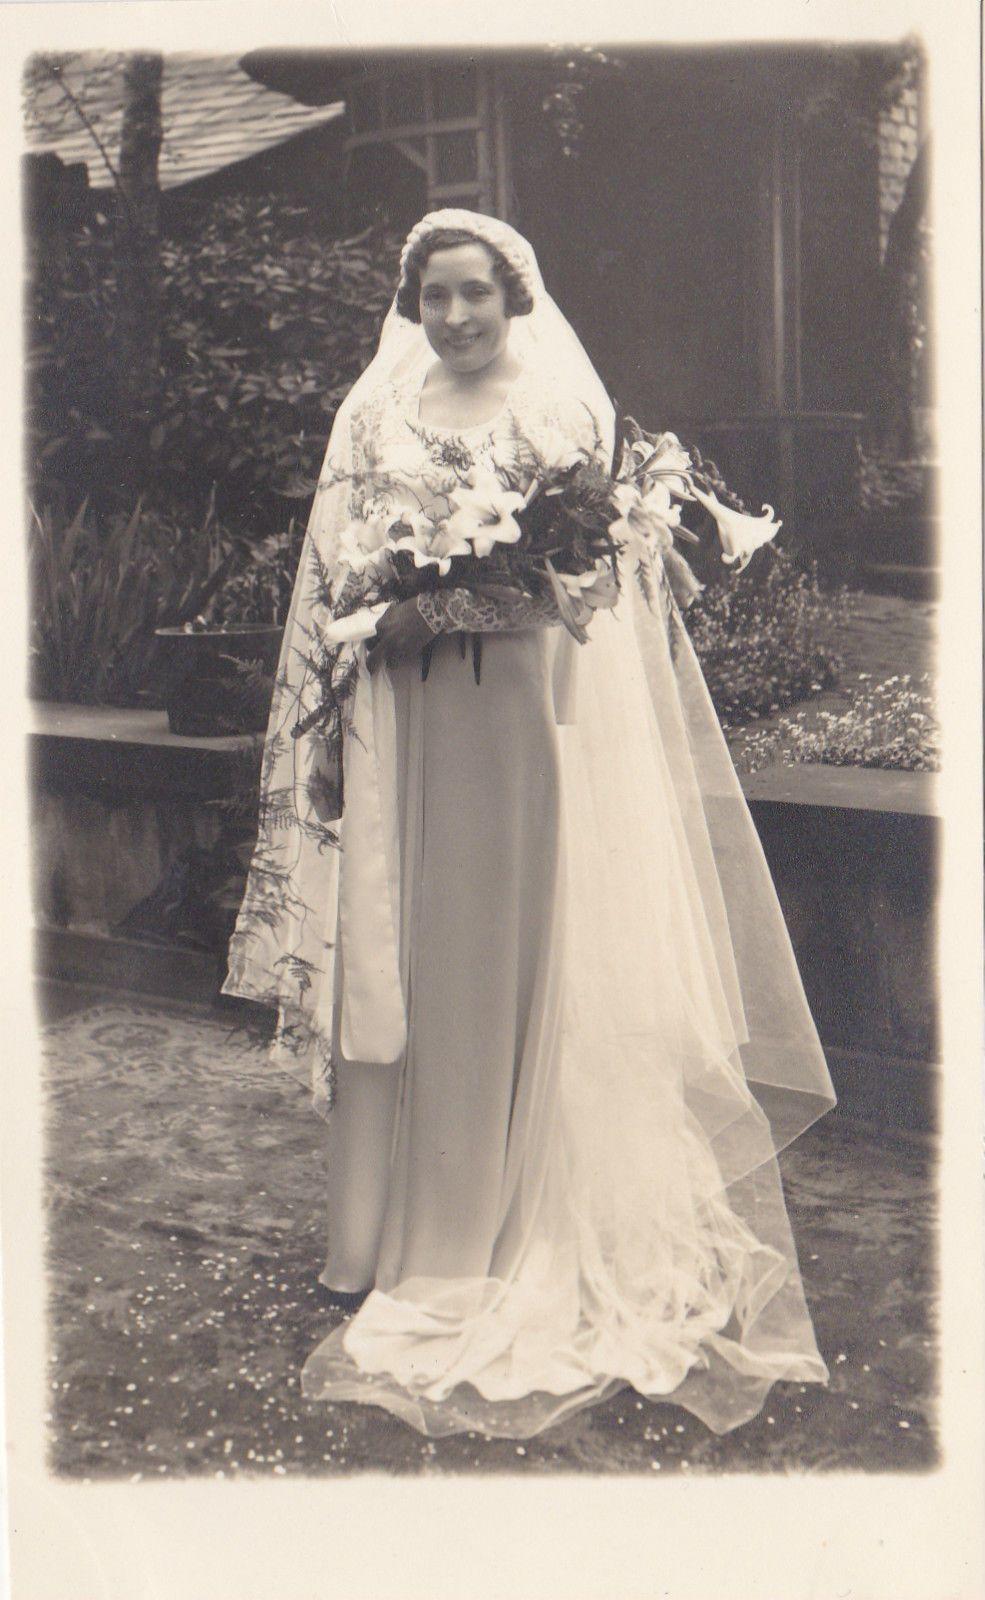 Pretty Bride with Lillies